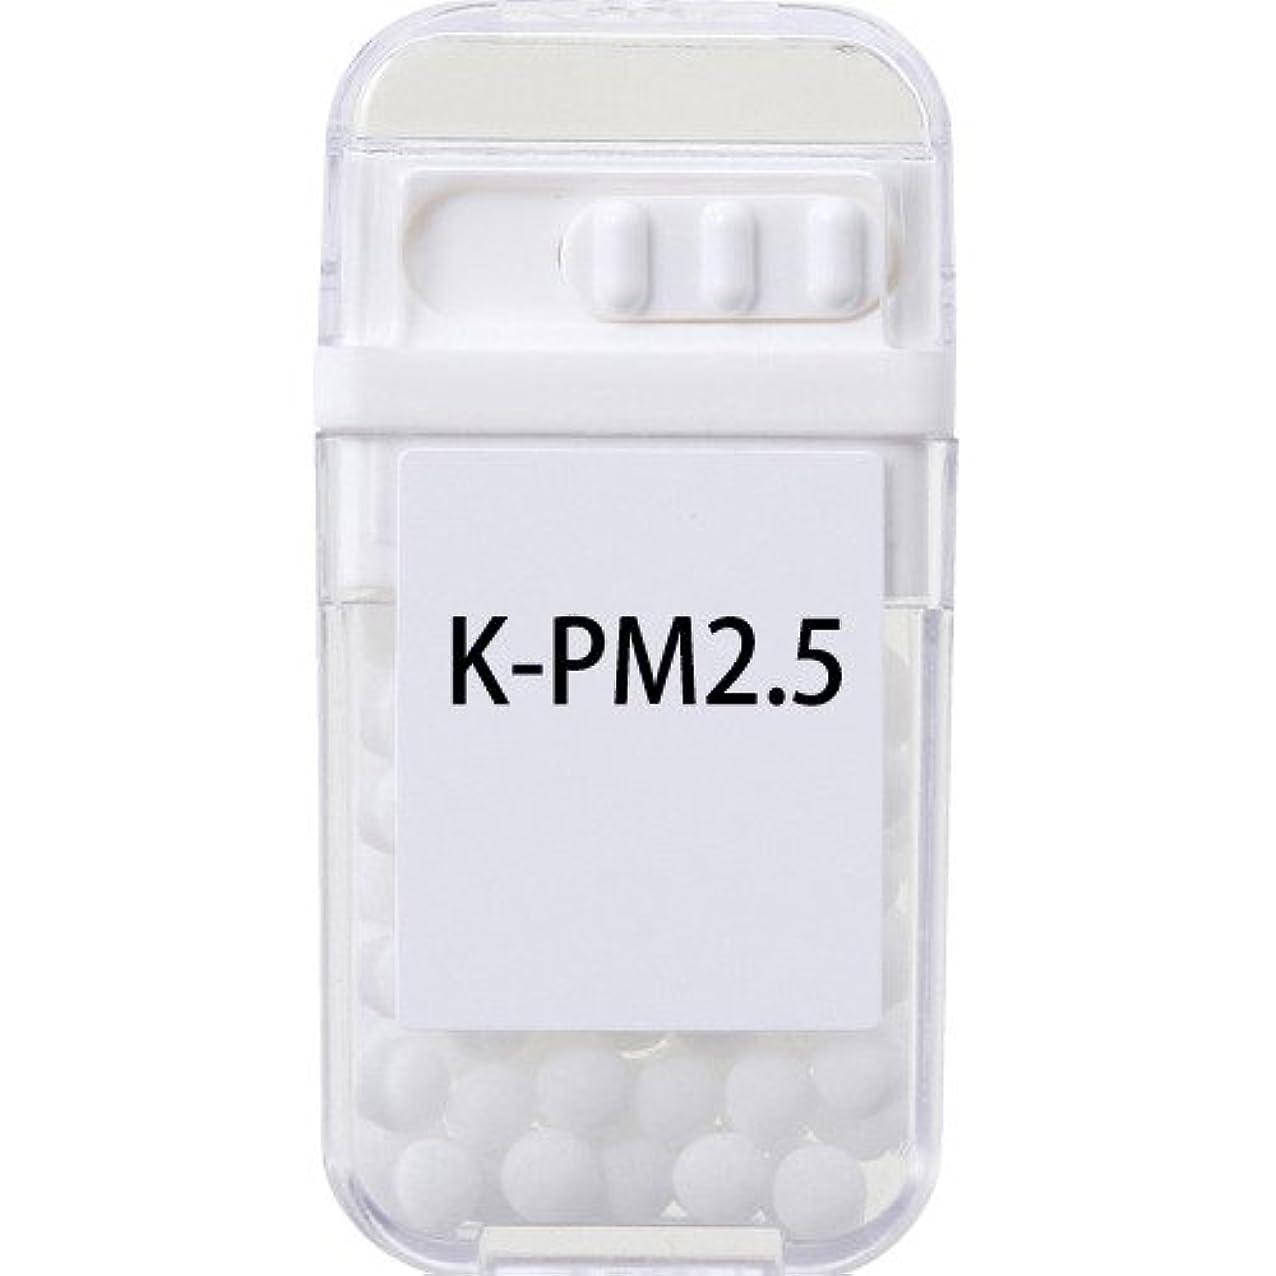 ためらうラウズ極めて重要なホメオパシージャパンレメディー K-PM2.5  (大ビン)